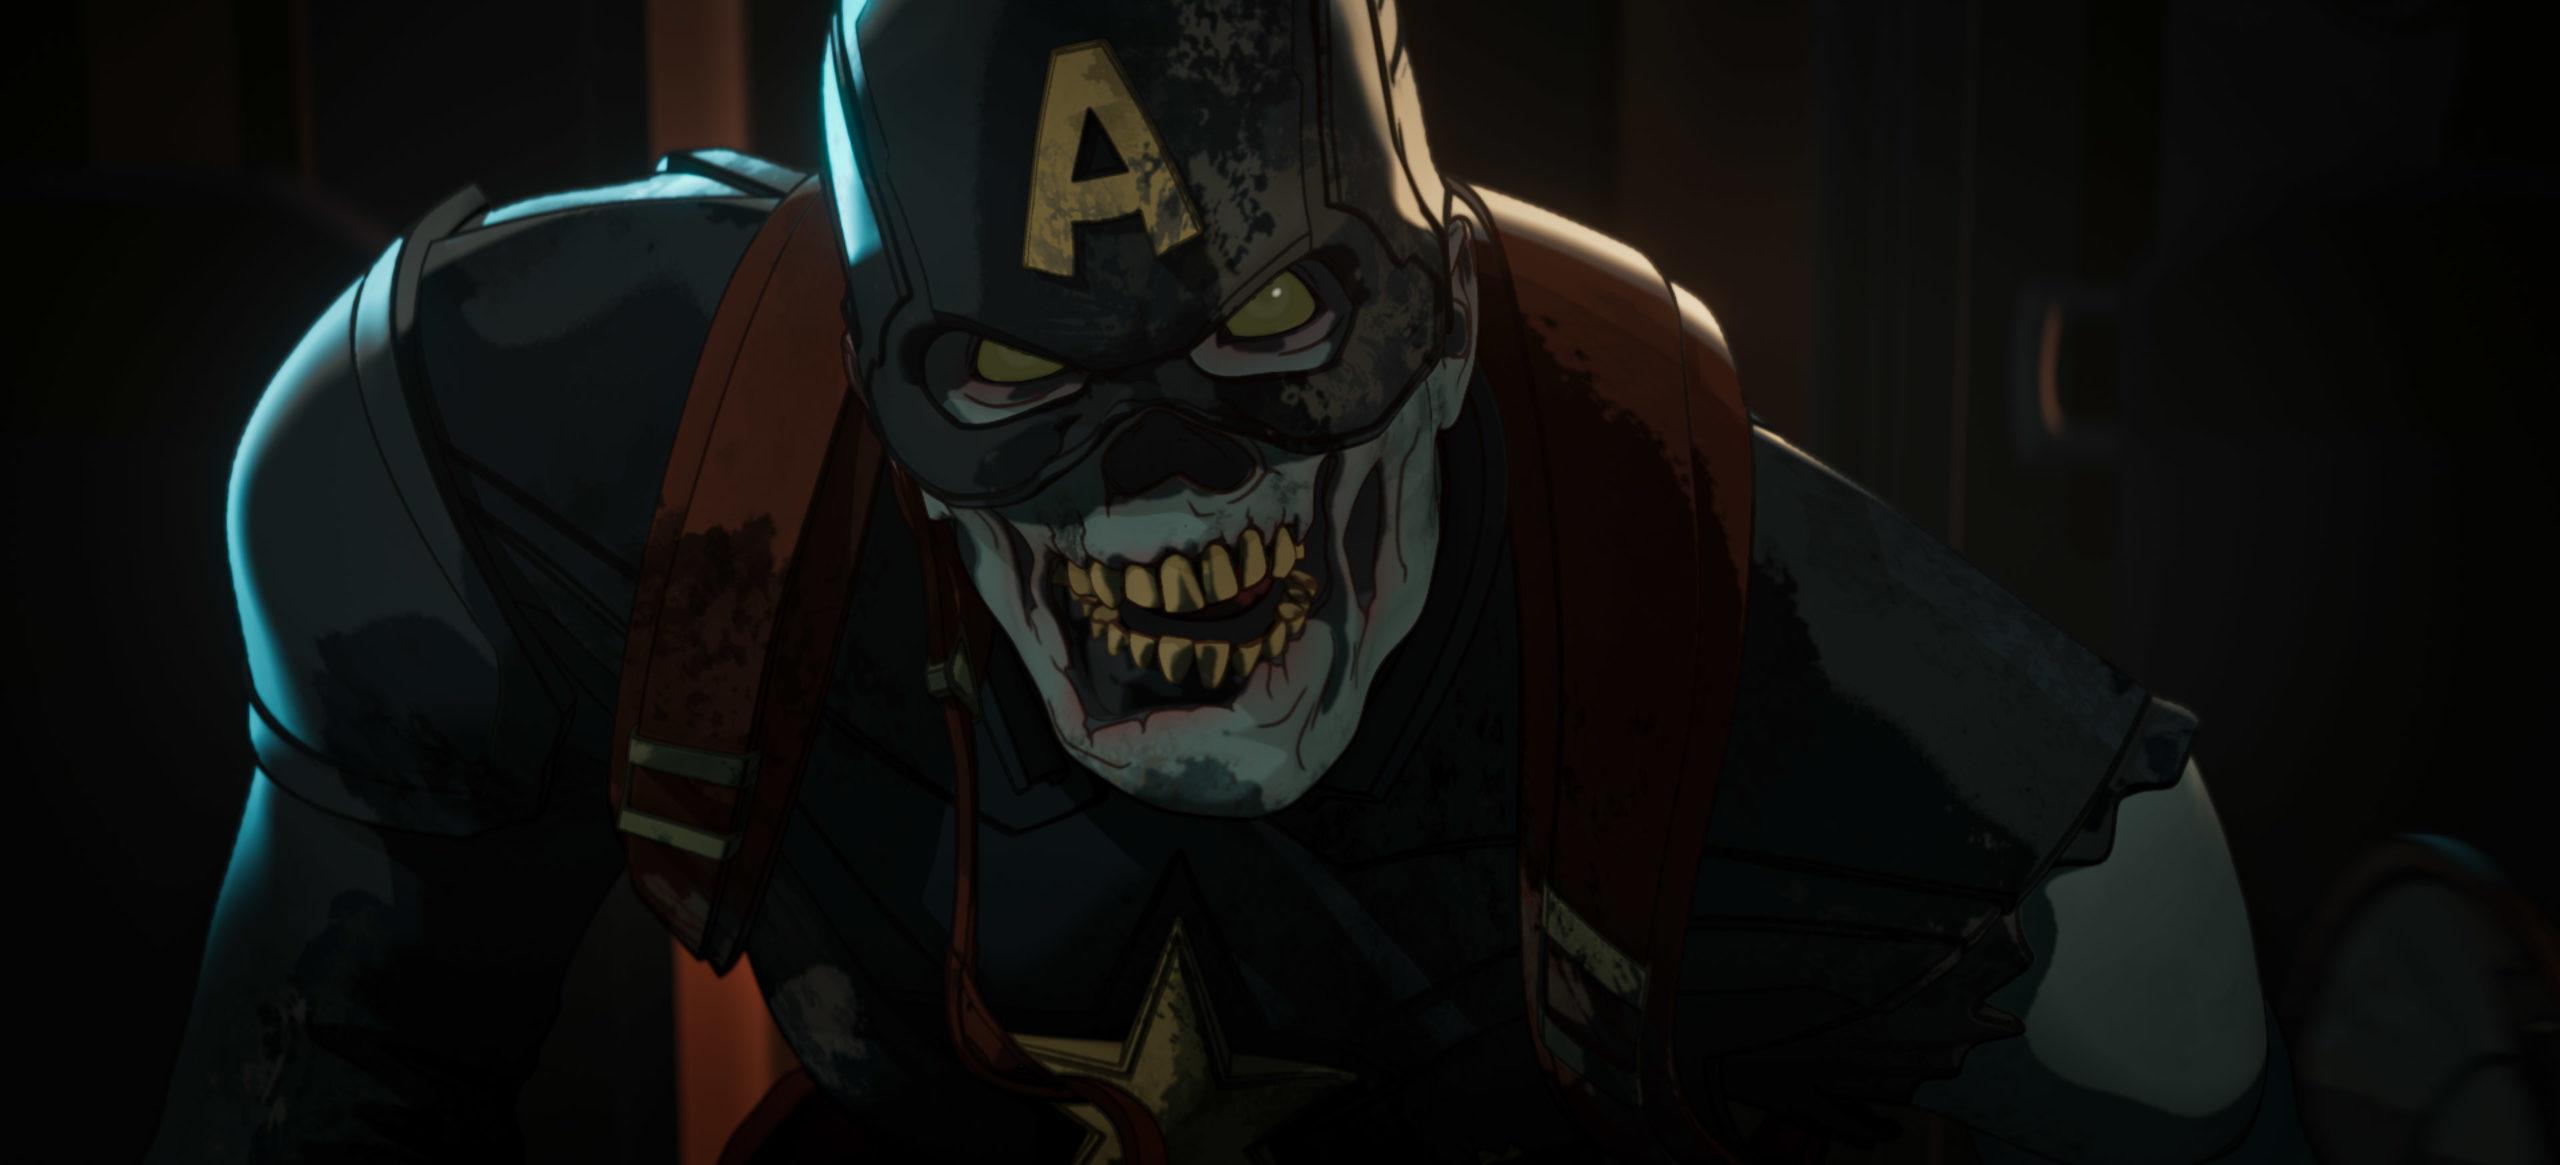 Zombies - Captain America